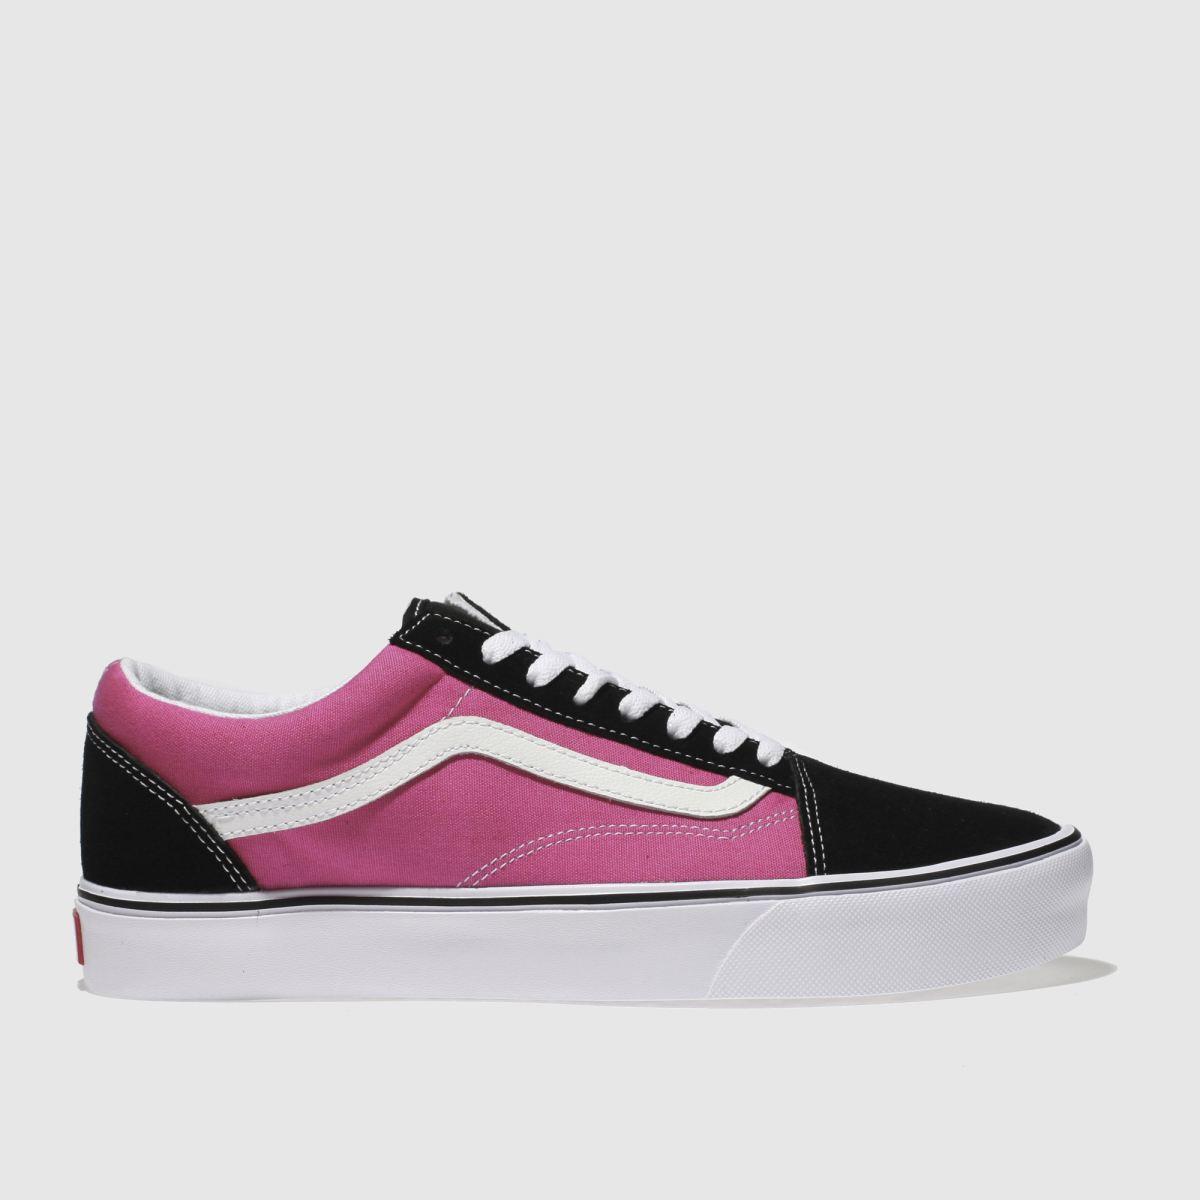 Vans Black & Pink Old Skool Lite Trainers